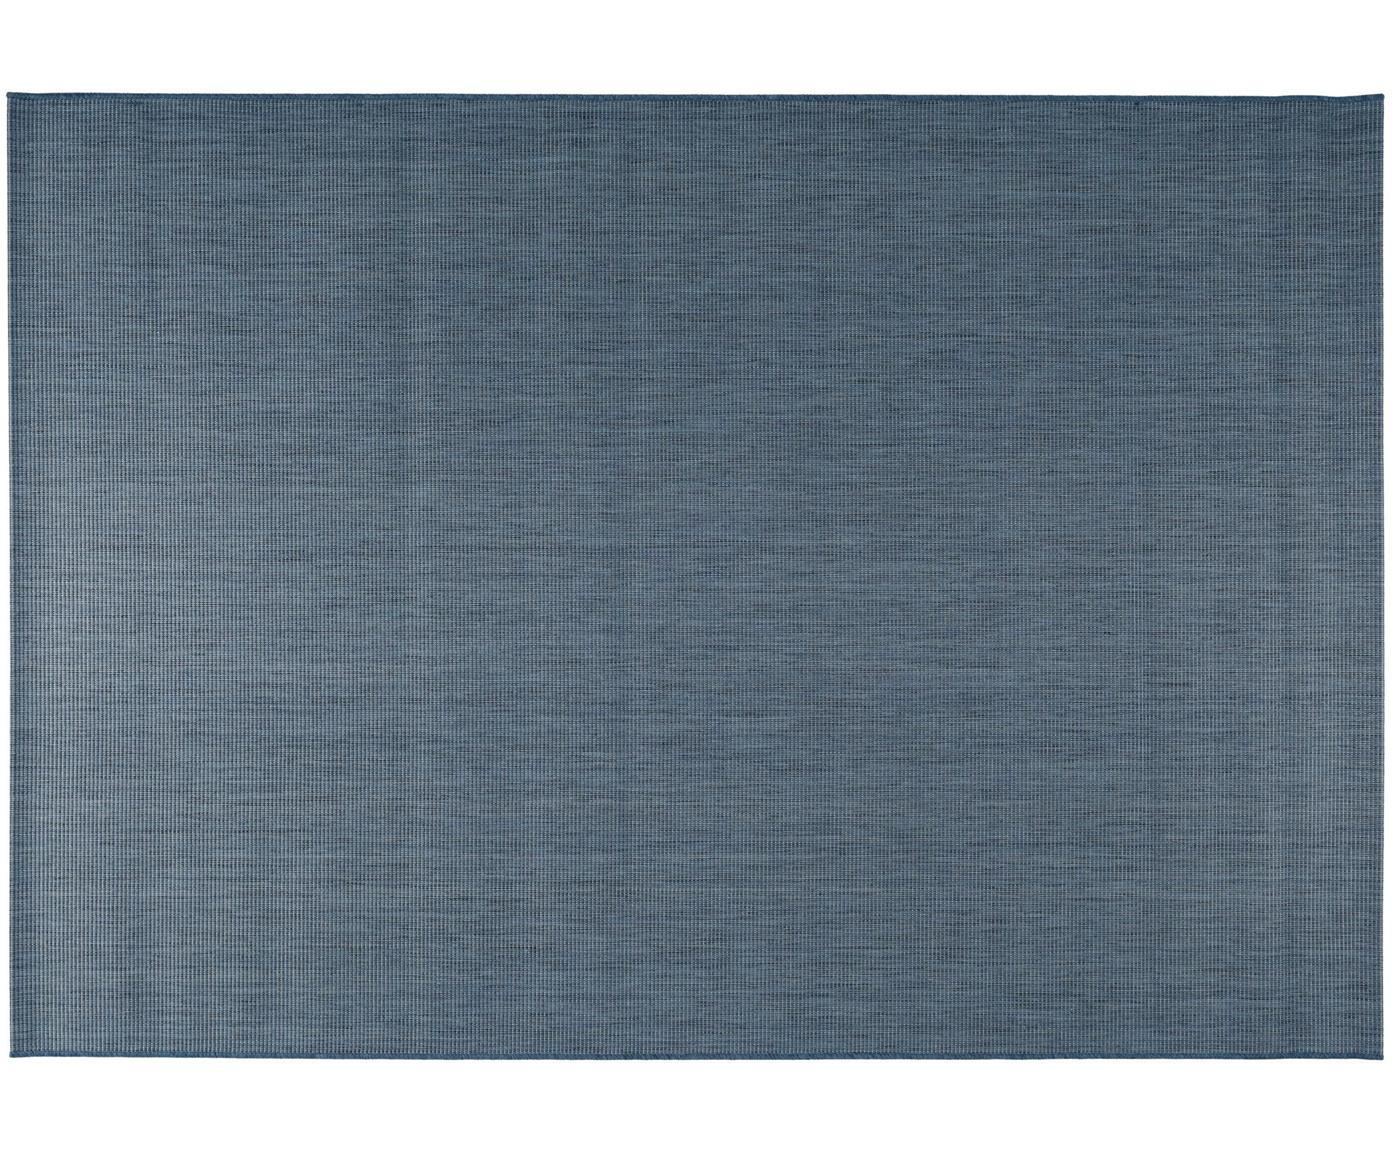 In- & Outdoor-Teppich Metro, 100% Polypropylen, Blau, B 120 x L 170 cm (Größe S)